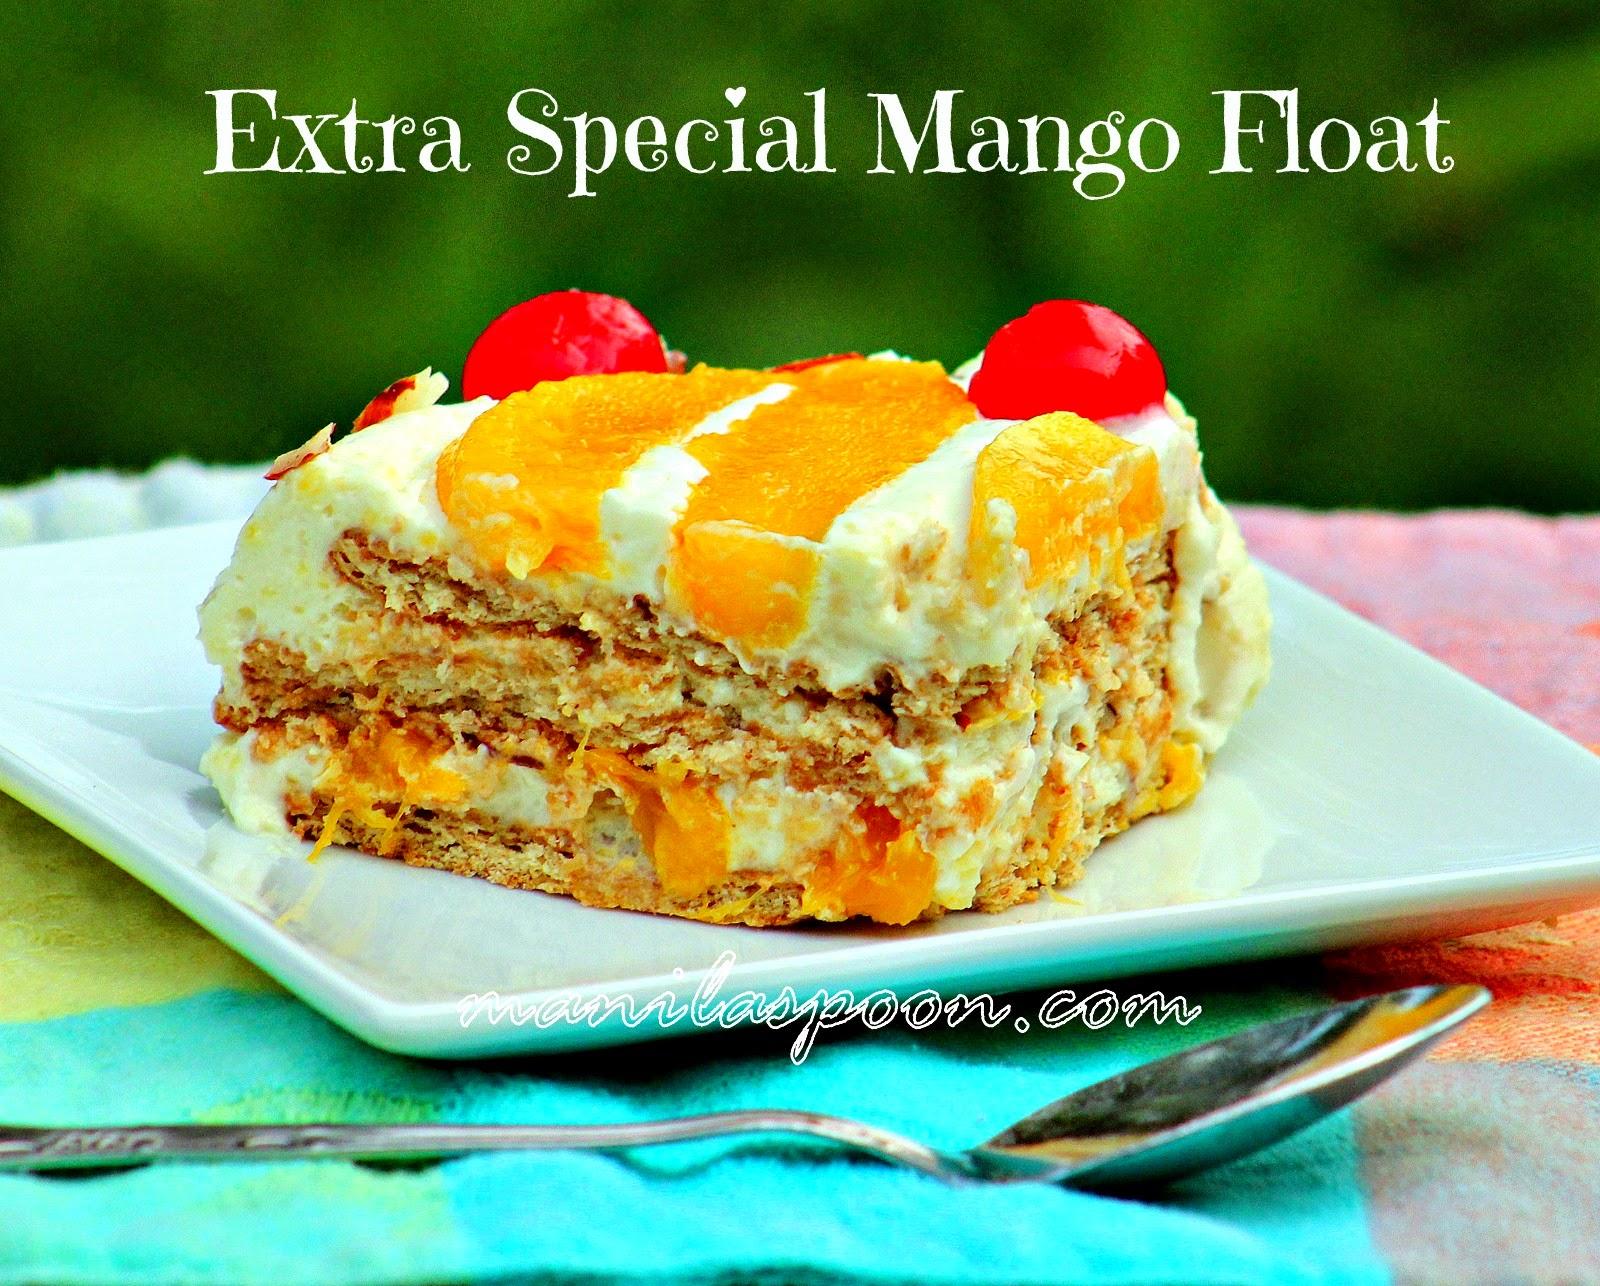 Extra Special Mango Float (Mango Icebox Cake)